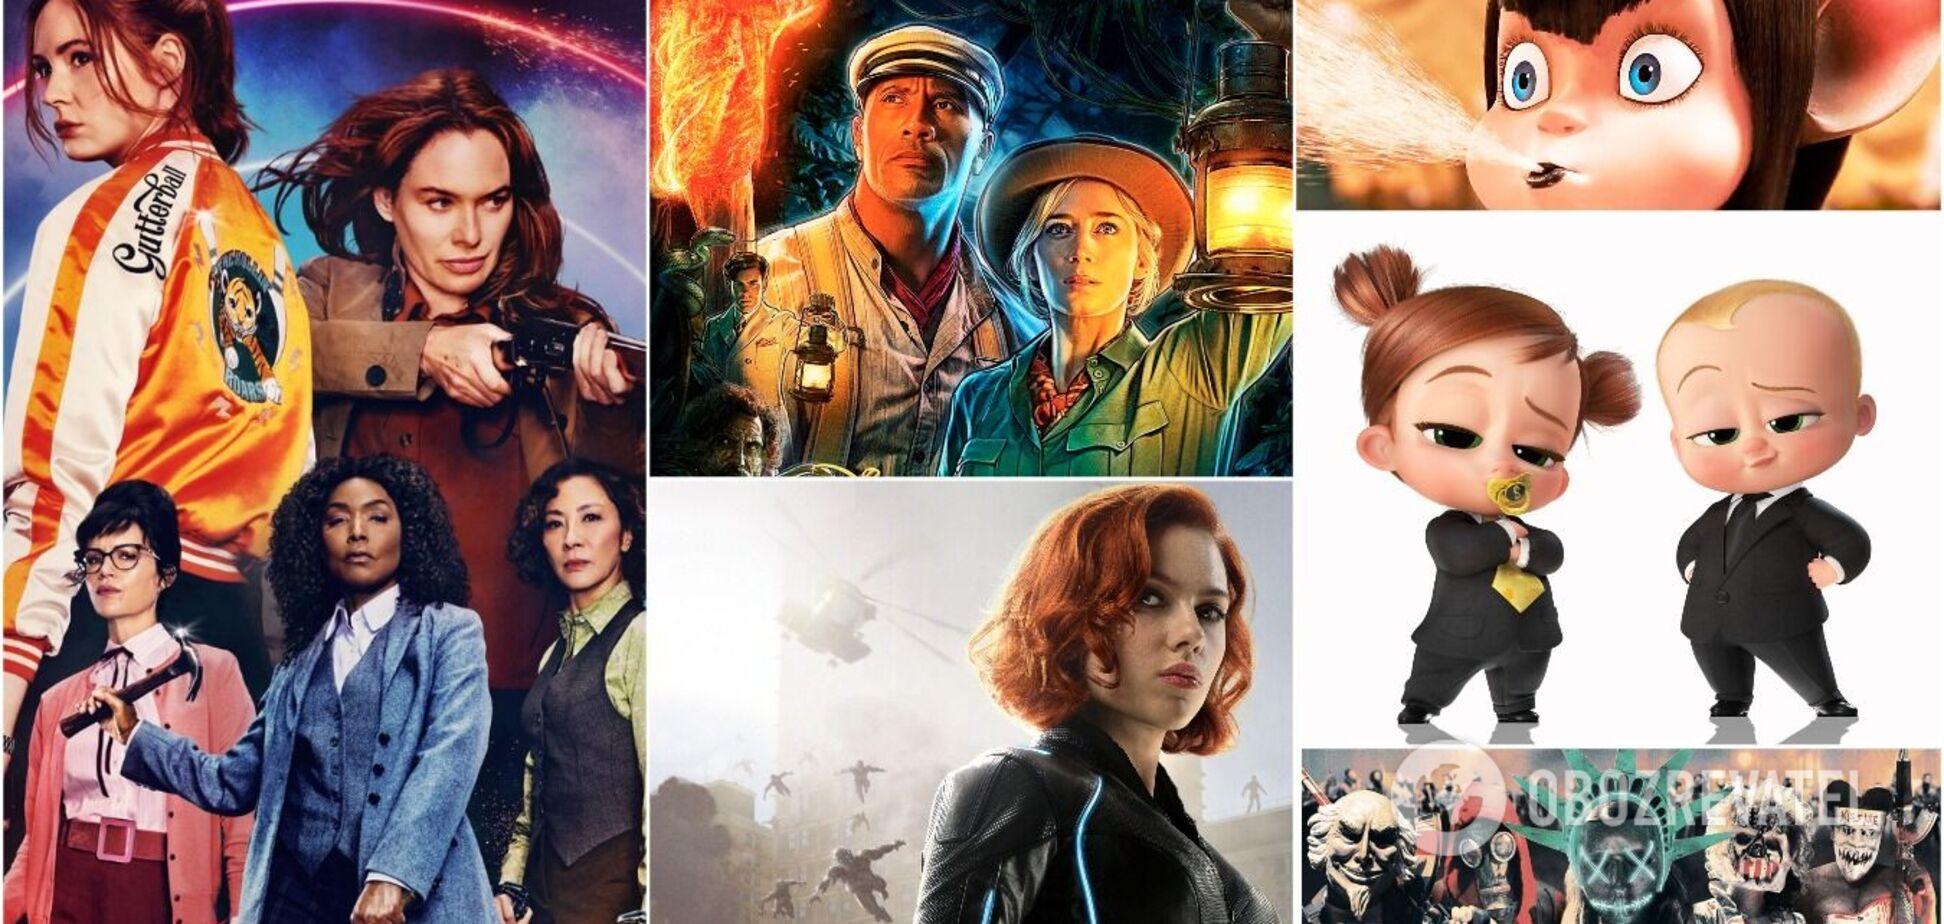 Что смотреть в кинотеатре в июле: 7 самых ожидаемых премьер. Трейлеры